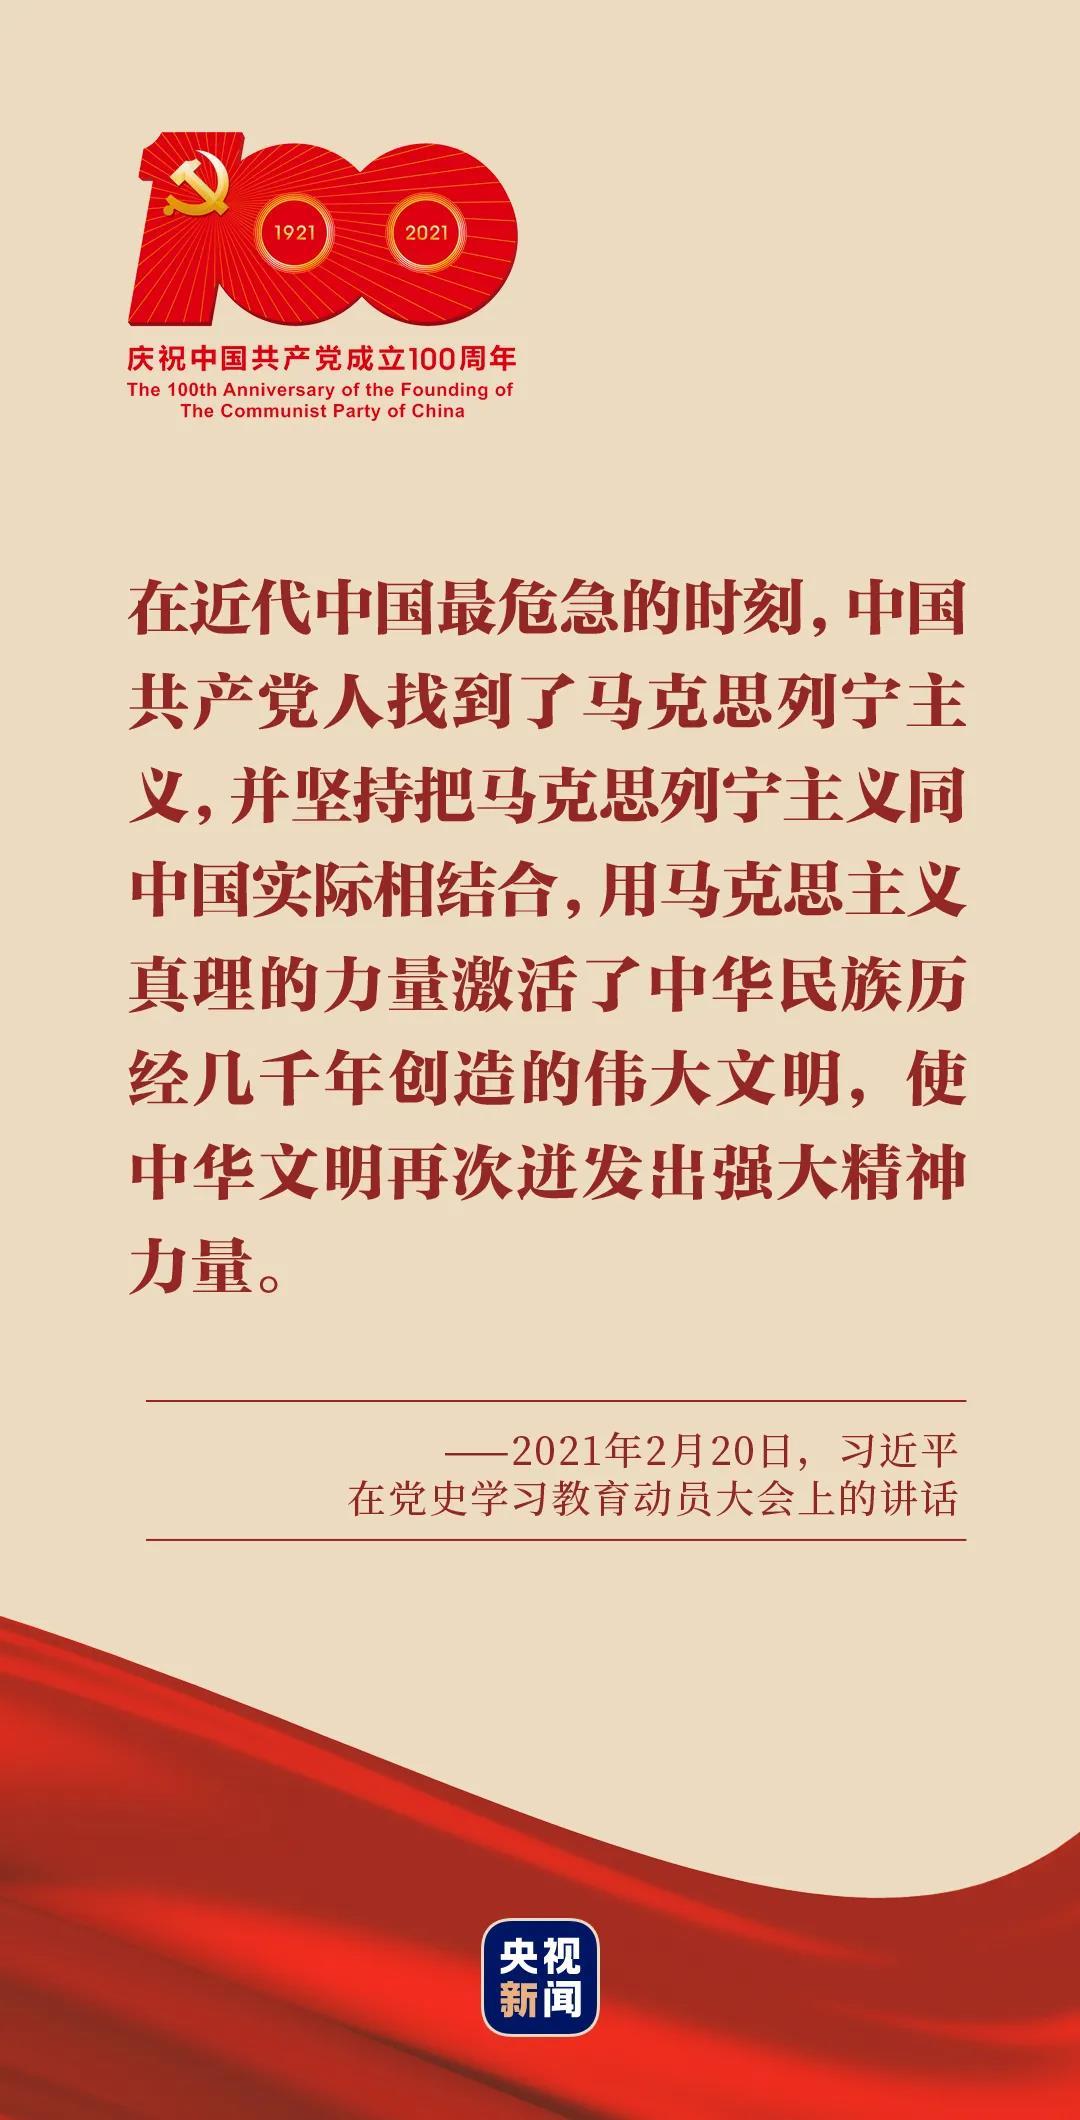 赢咖3平台注册:大党丨百年史诗 精神为源(图4)